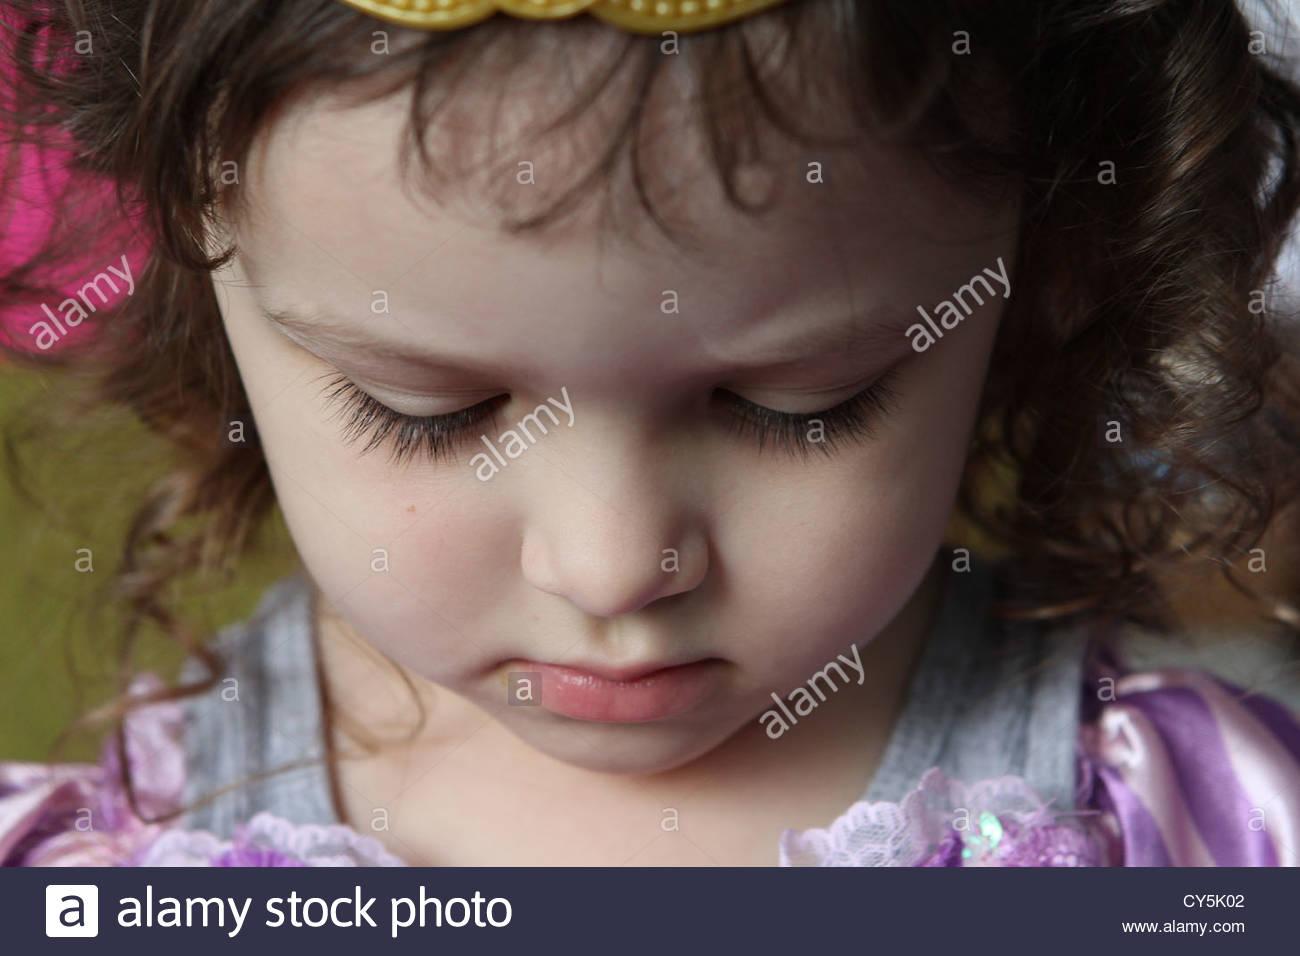 Una chiusura del volto di un bambino di 4 anni ragazza con abbattuto gli occhi. Immagini Stock